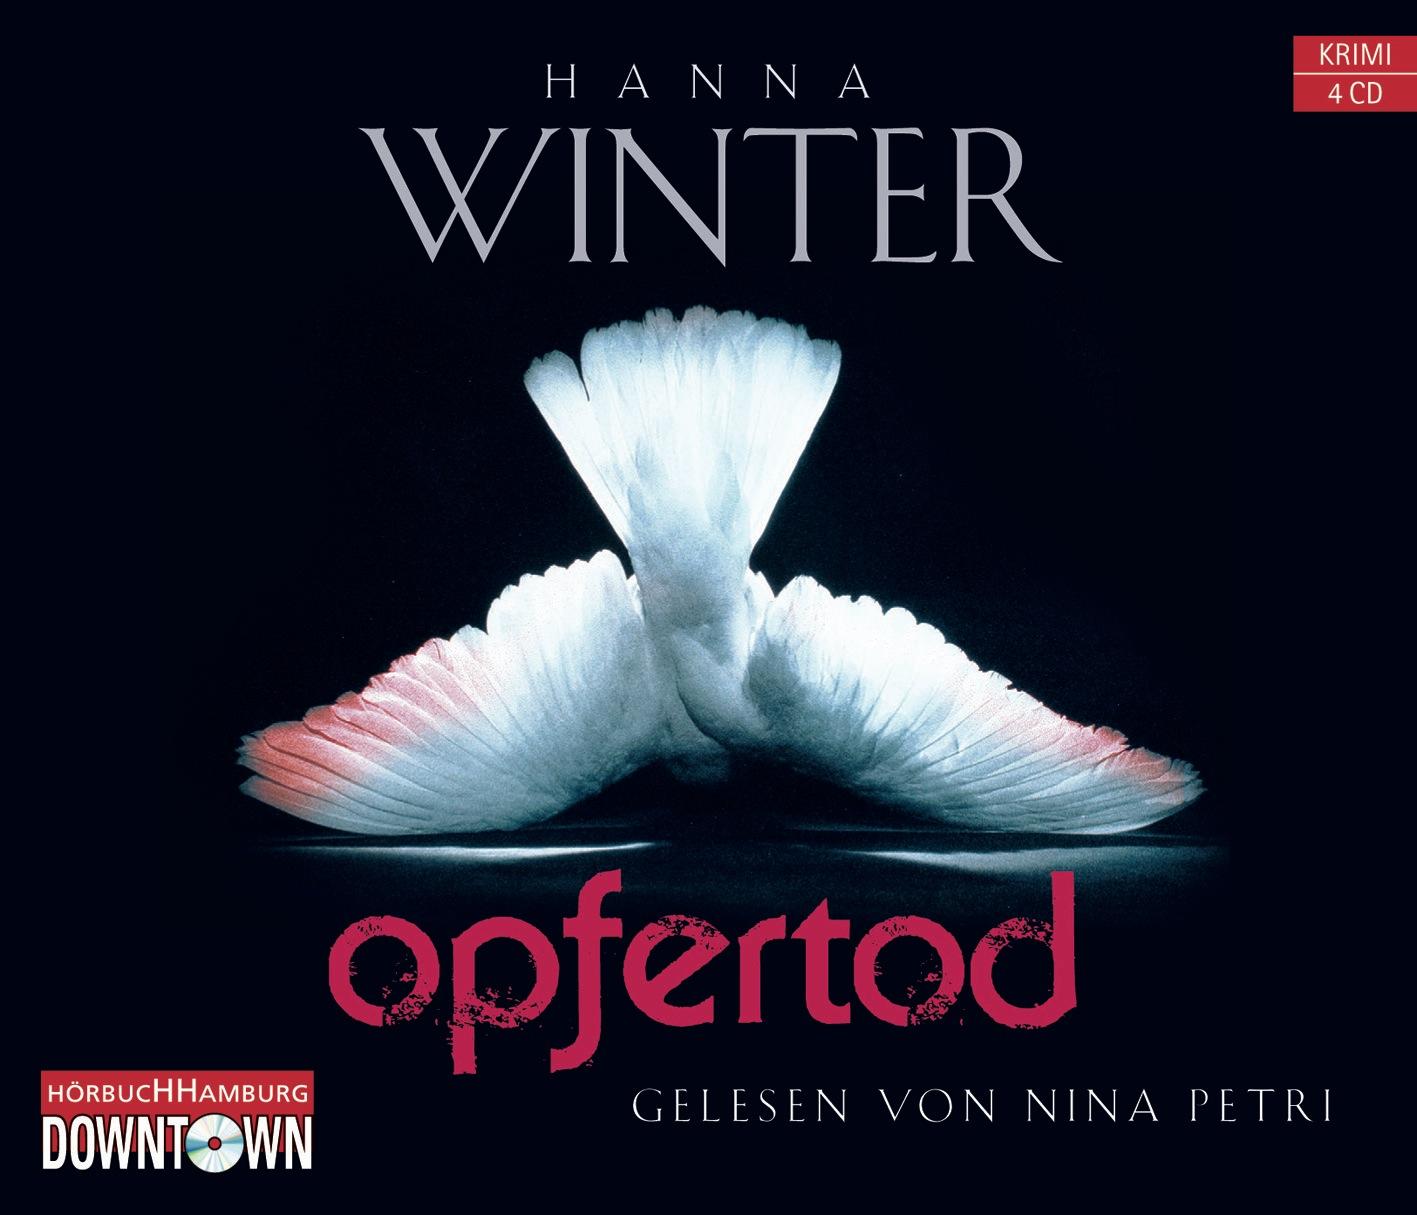 Opfertod (4 CDs) - Hanna Winter